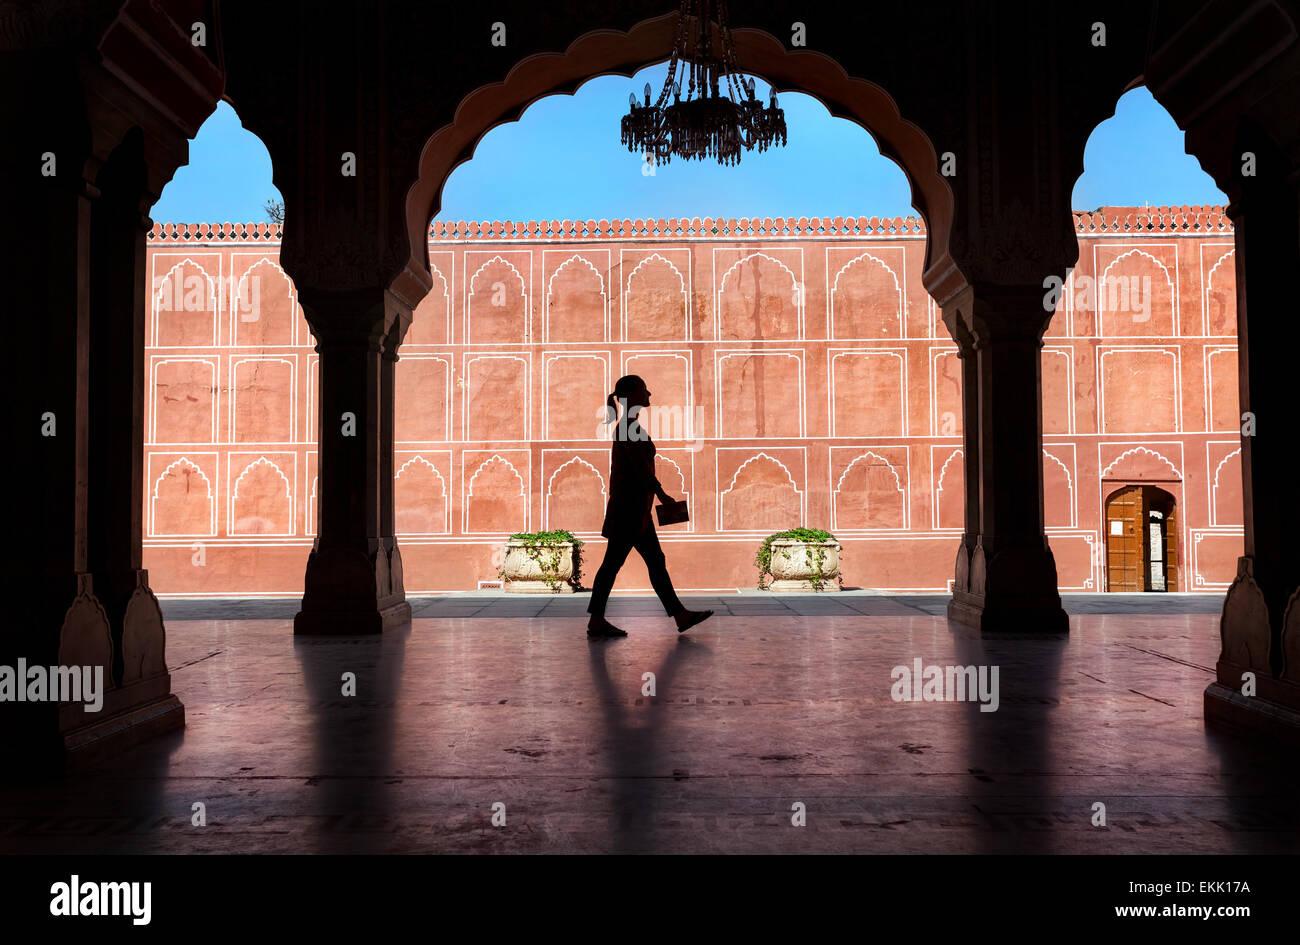 Silhouette di donna con la guida a piedi nella città Palace Museum, Jaipur, Rajasthan, India Immagini Stock